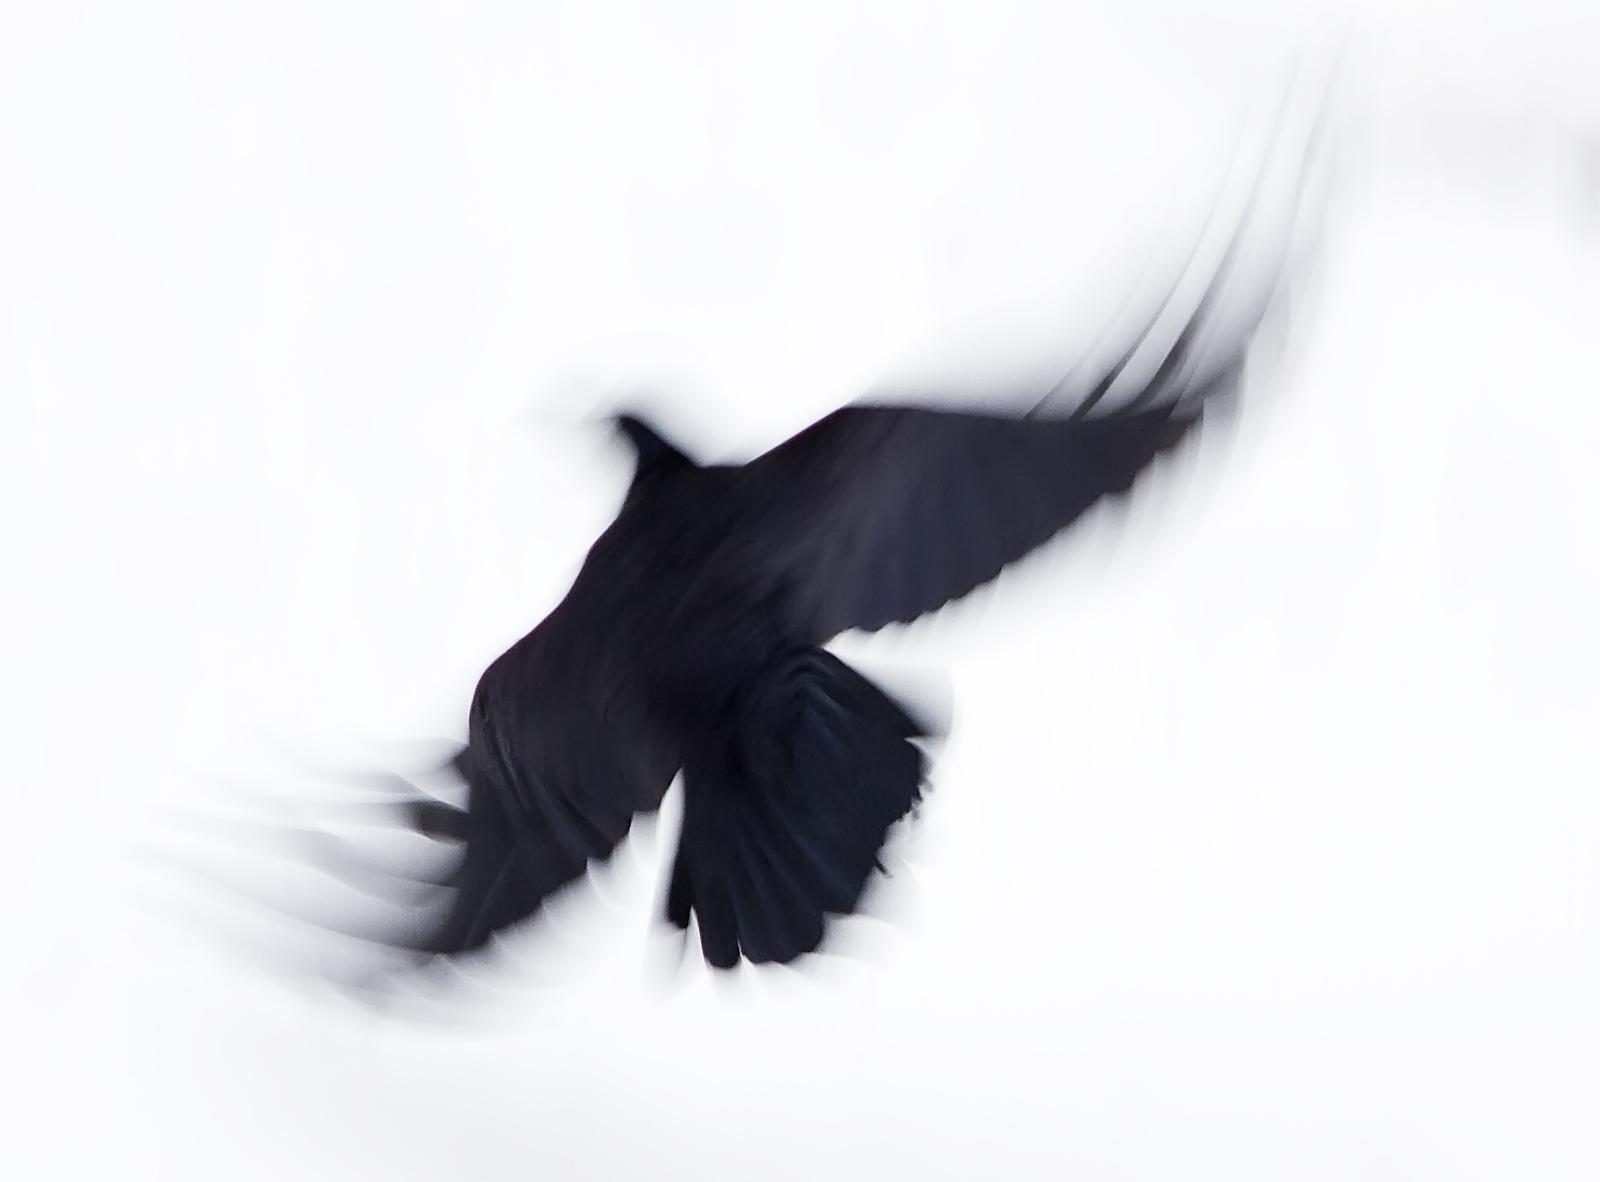 Pasăre neagră care cade în zbor